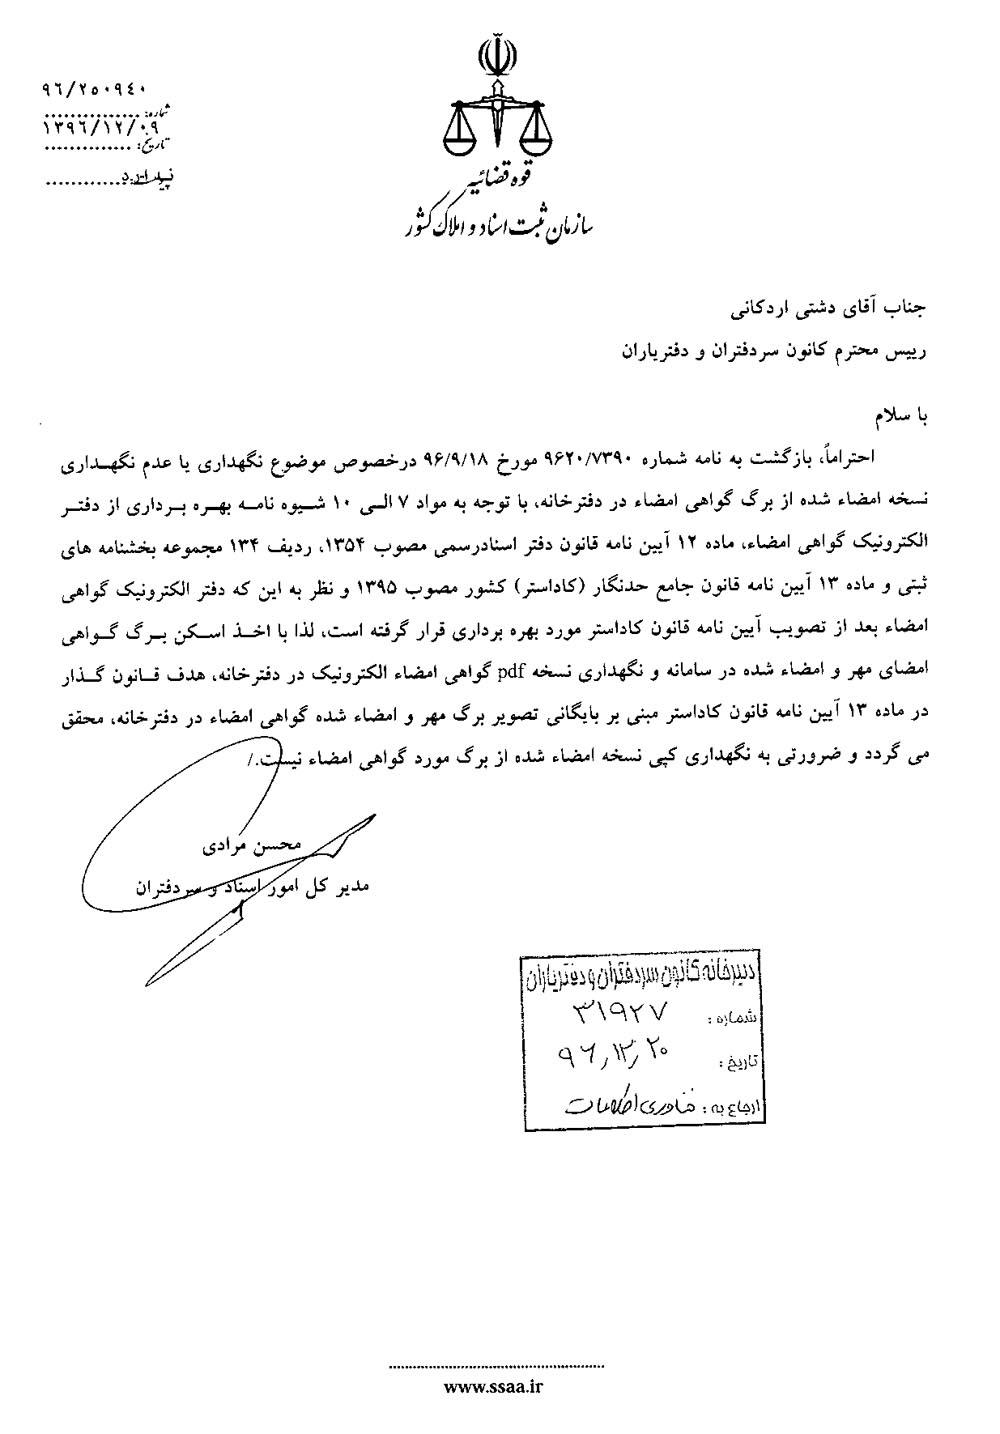 ضرورتی به نگهداری کپی نسخه امضاء شده از برگ مورد گواهی امضاء نیست